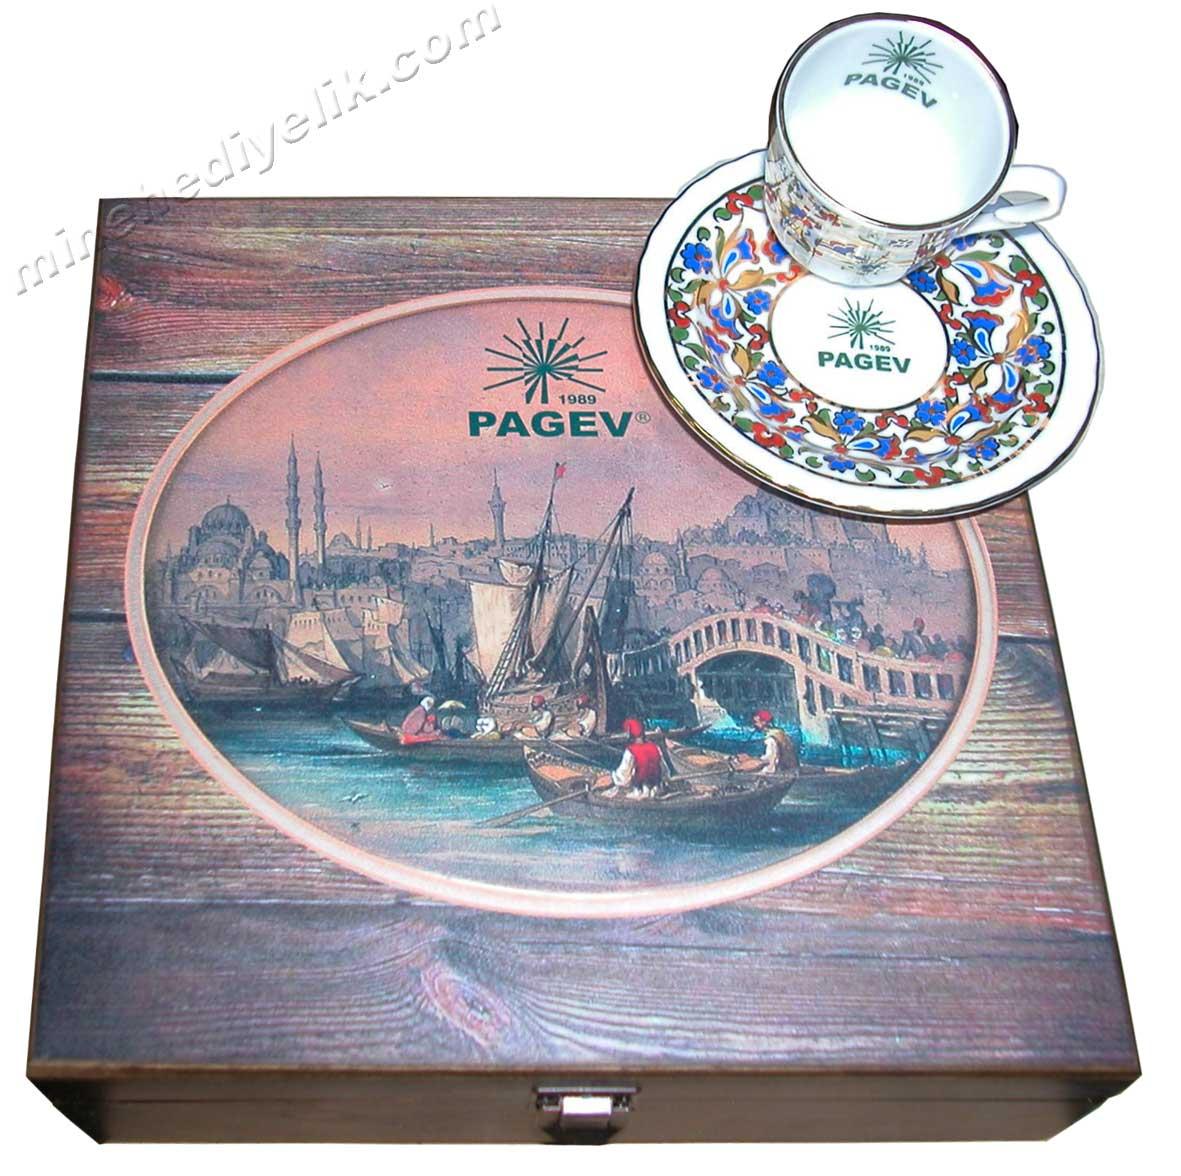 Eski İstanbul  Boğaz  Manzaralı Hediyelik Kahve Setleri  Yolcu Vapurları ve Tekneler Yabancılara verilebilecek kaliteli ve kalıcı lüks (lux) hediyeler